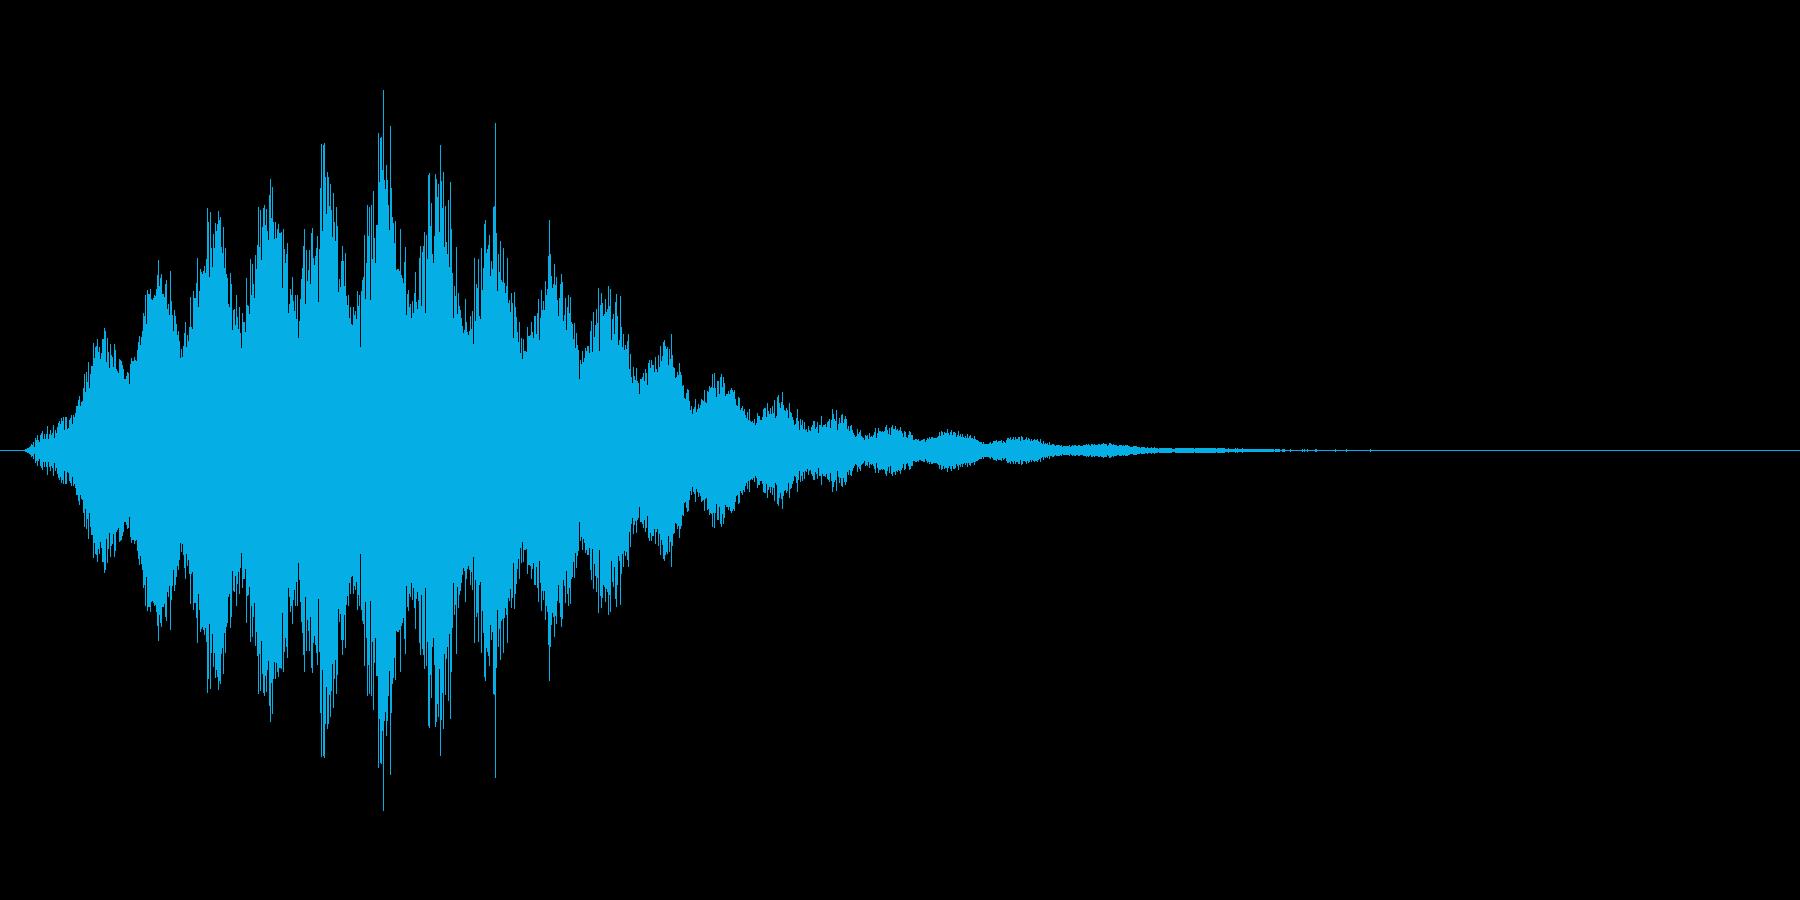 シュシュシュ...(風魔法、かまいたち)の再生済みの波形